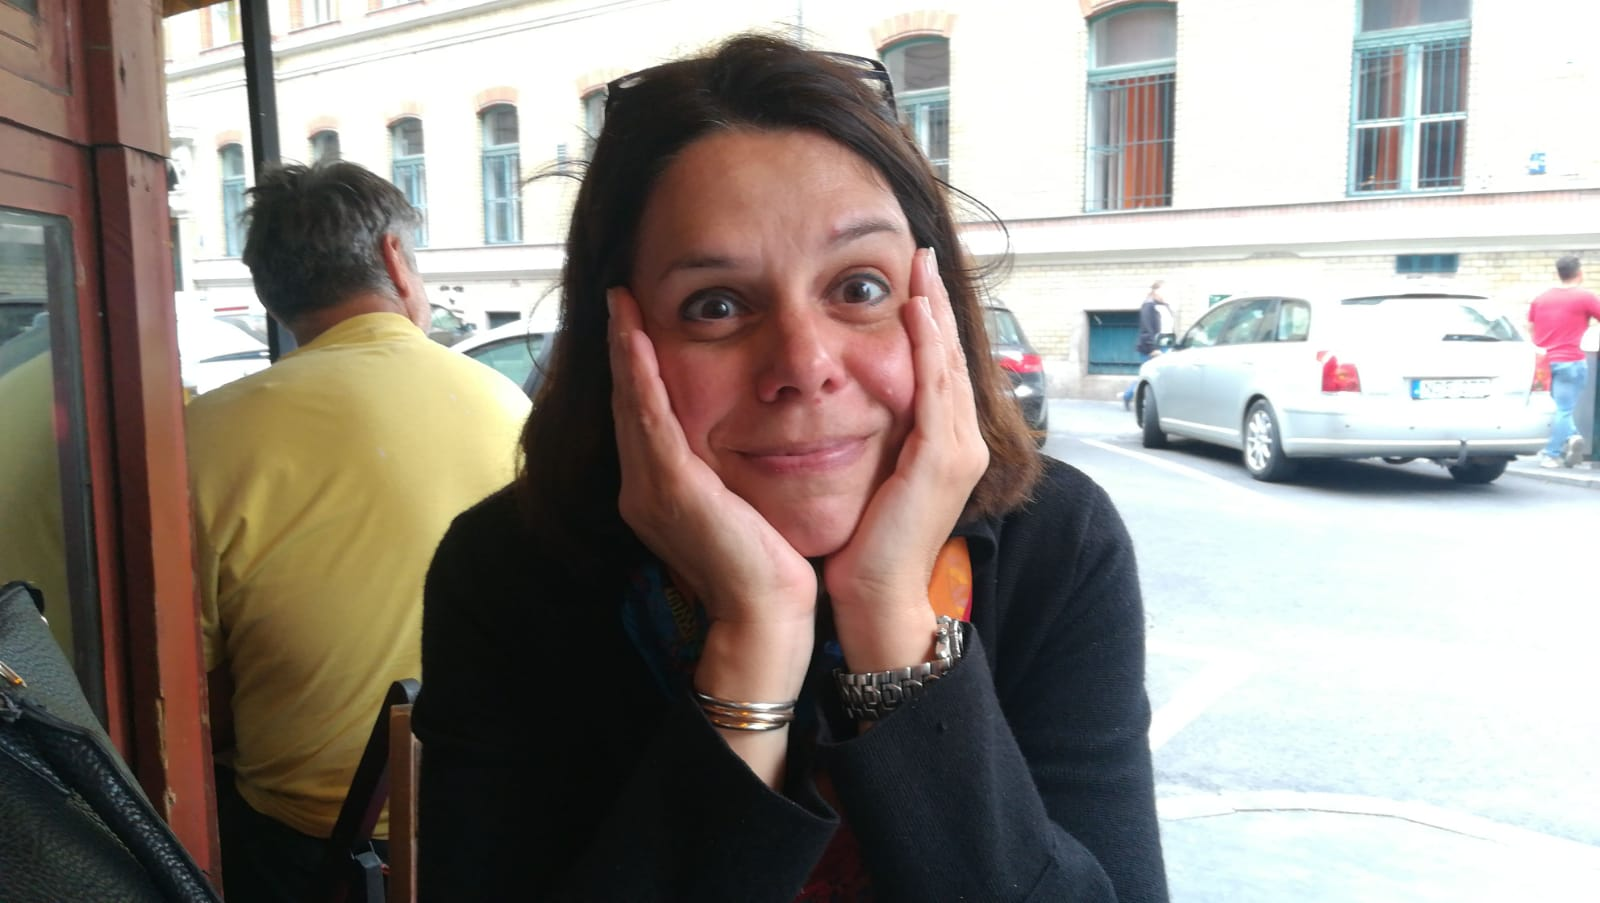 Reinspach Ida: Sok nőtársam azon parázik, hogy egyedül marad. És akkor mi van?